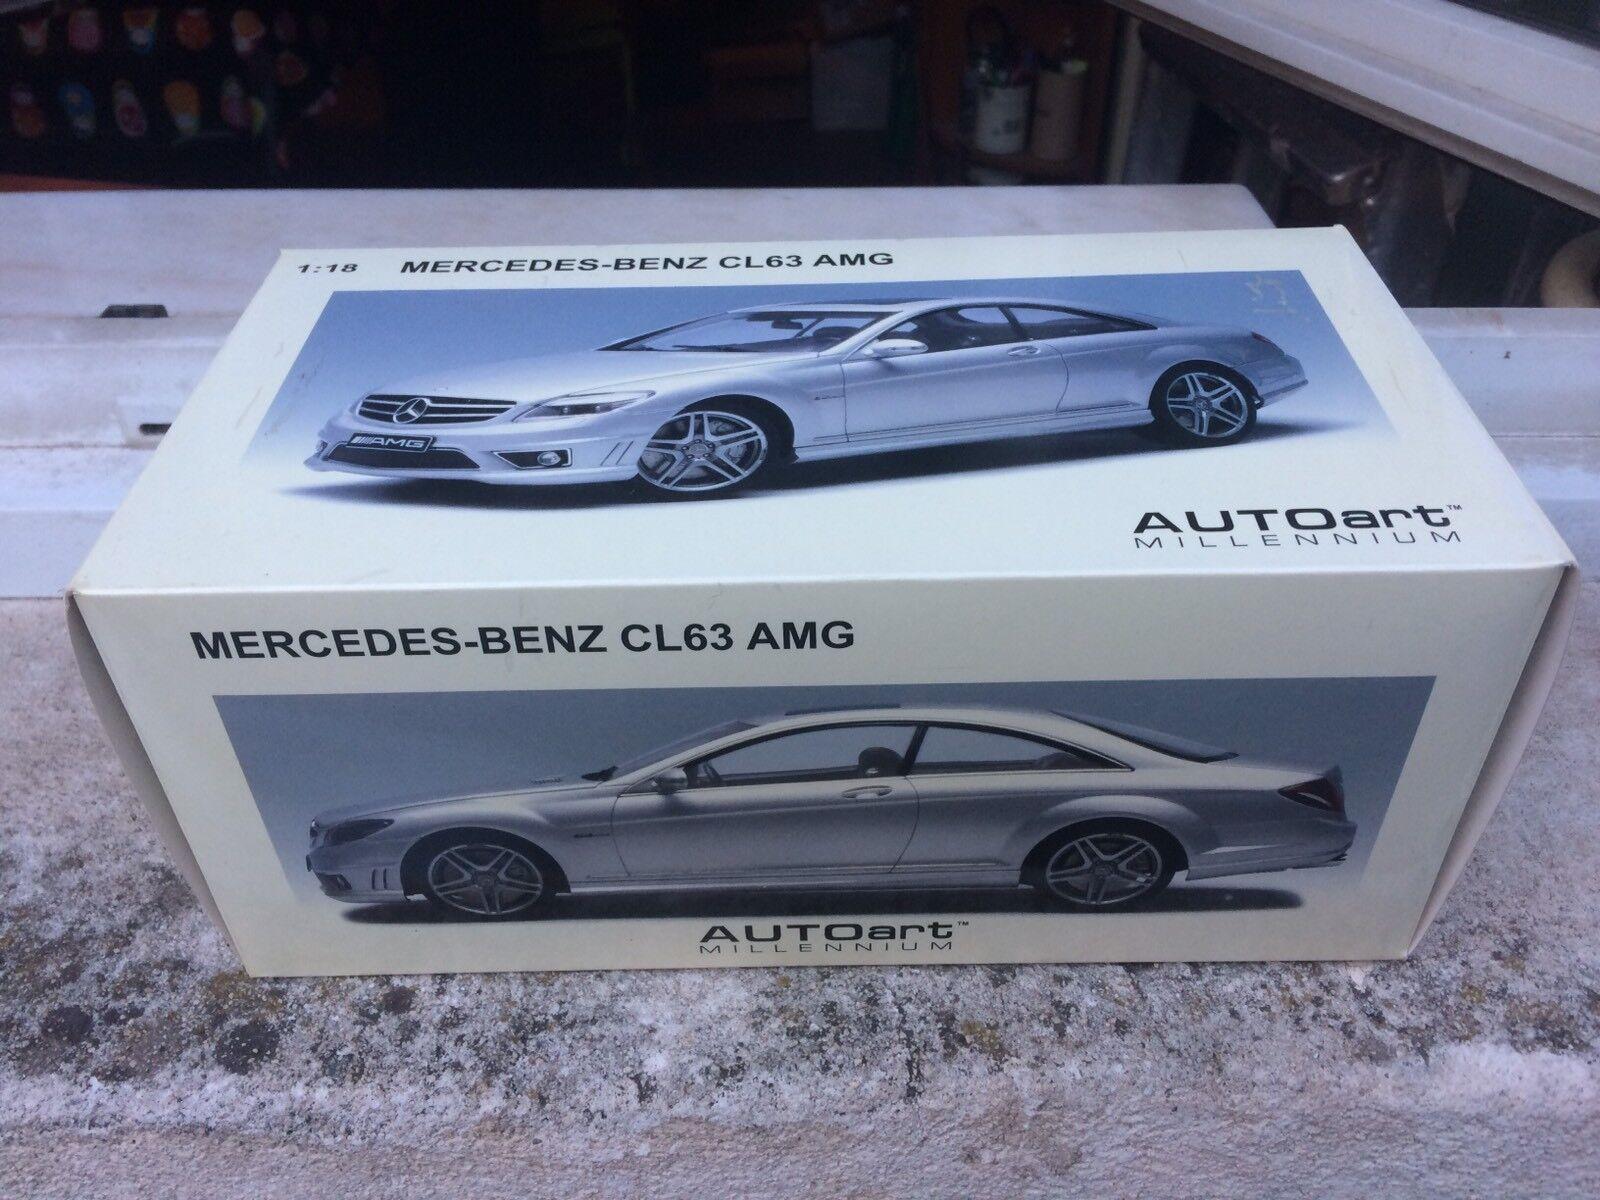 À la fin de l'année, j'ai acheté un grand groupe groupe groupe et rencontré environ dix mille ménages. Mercedes Benz CL63 AMG 1/18 Autoart | Pour Assurer Problèmes Pendant Des Années-service Gratuit  | Forme élégante  | Des Styles Différents  62b02a